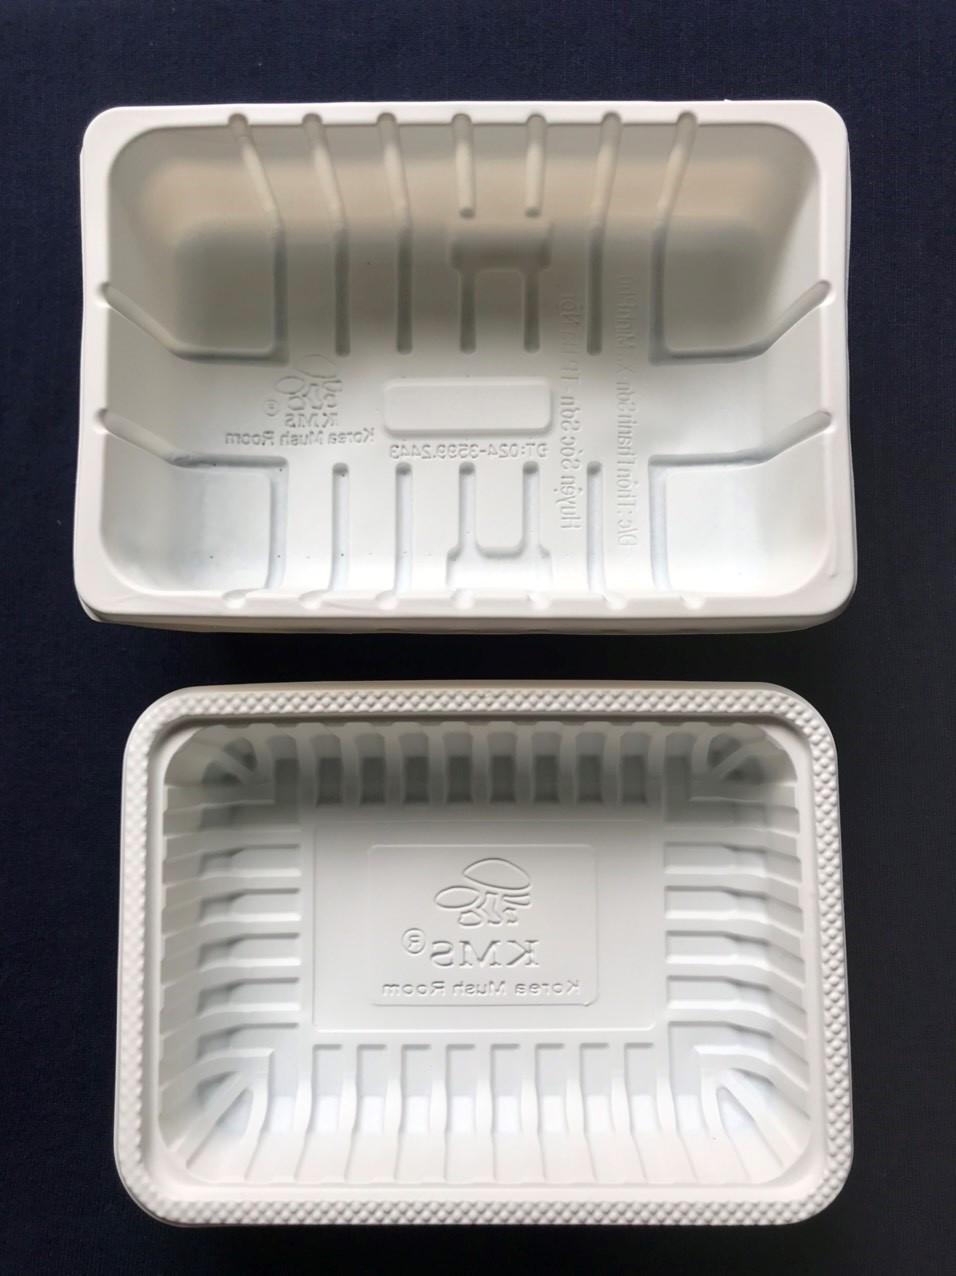 Khay thực phẩm làm từ nhựa sinh học